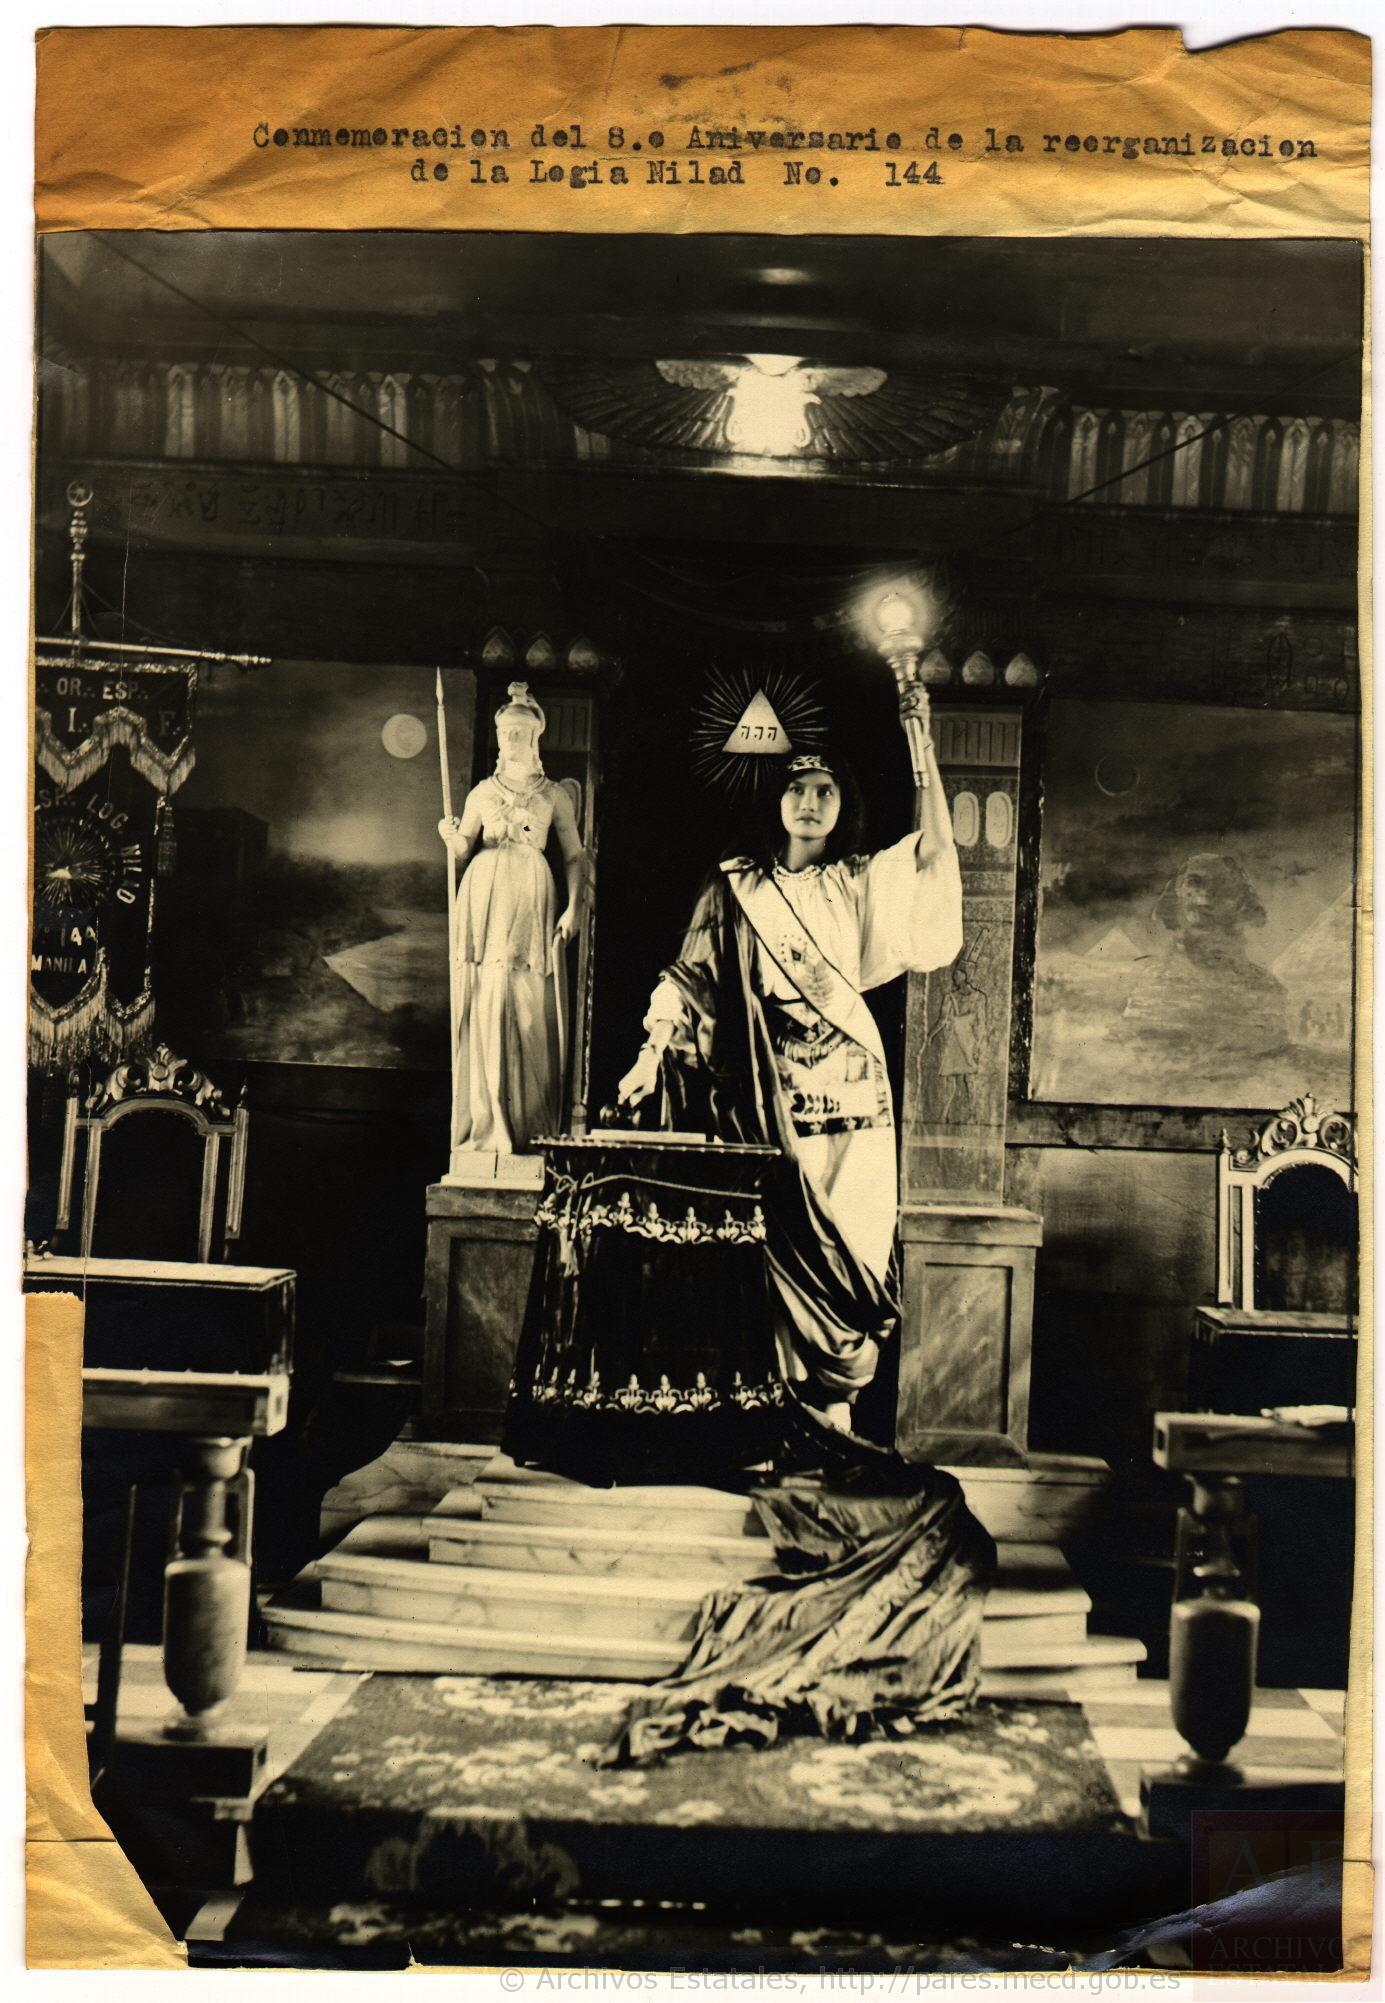 Logia Nilad nº144. Alegoría de la masonería